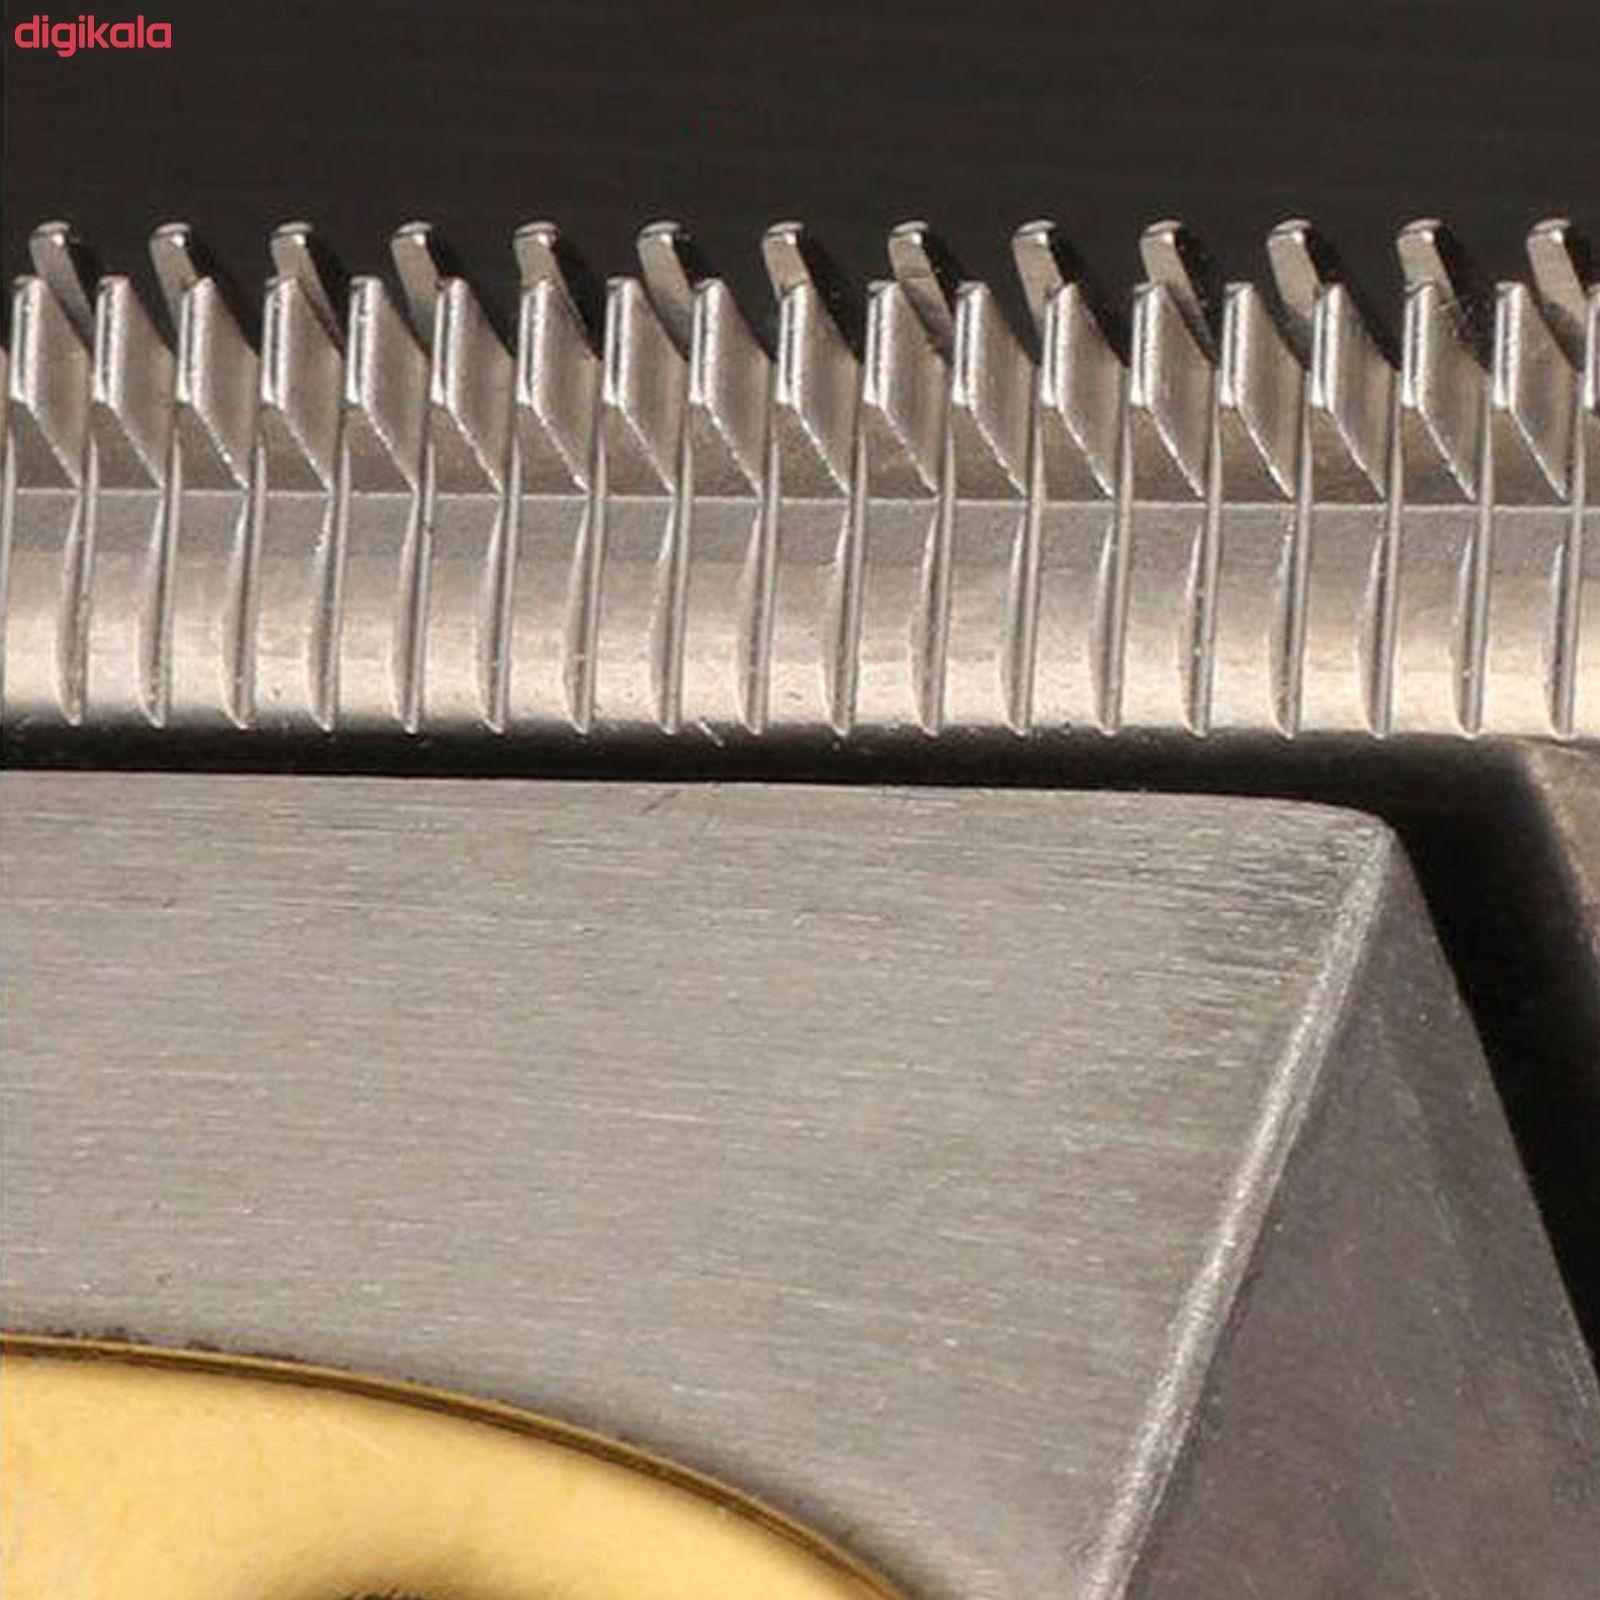 ماشین اصلاح موی سر و صورت کیمی مدل KM-1984PG main 1 3